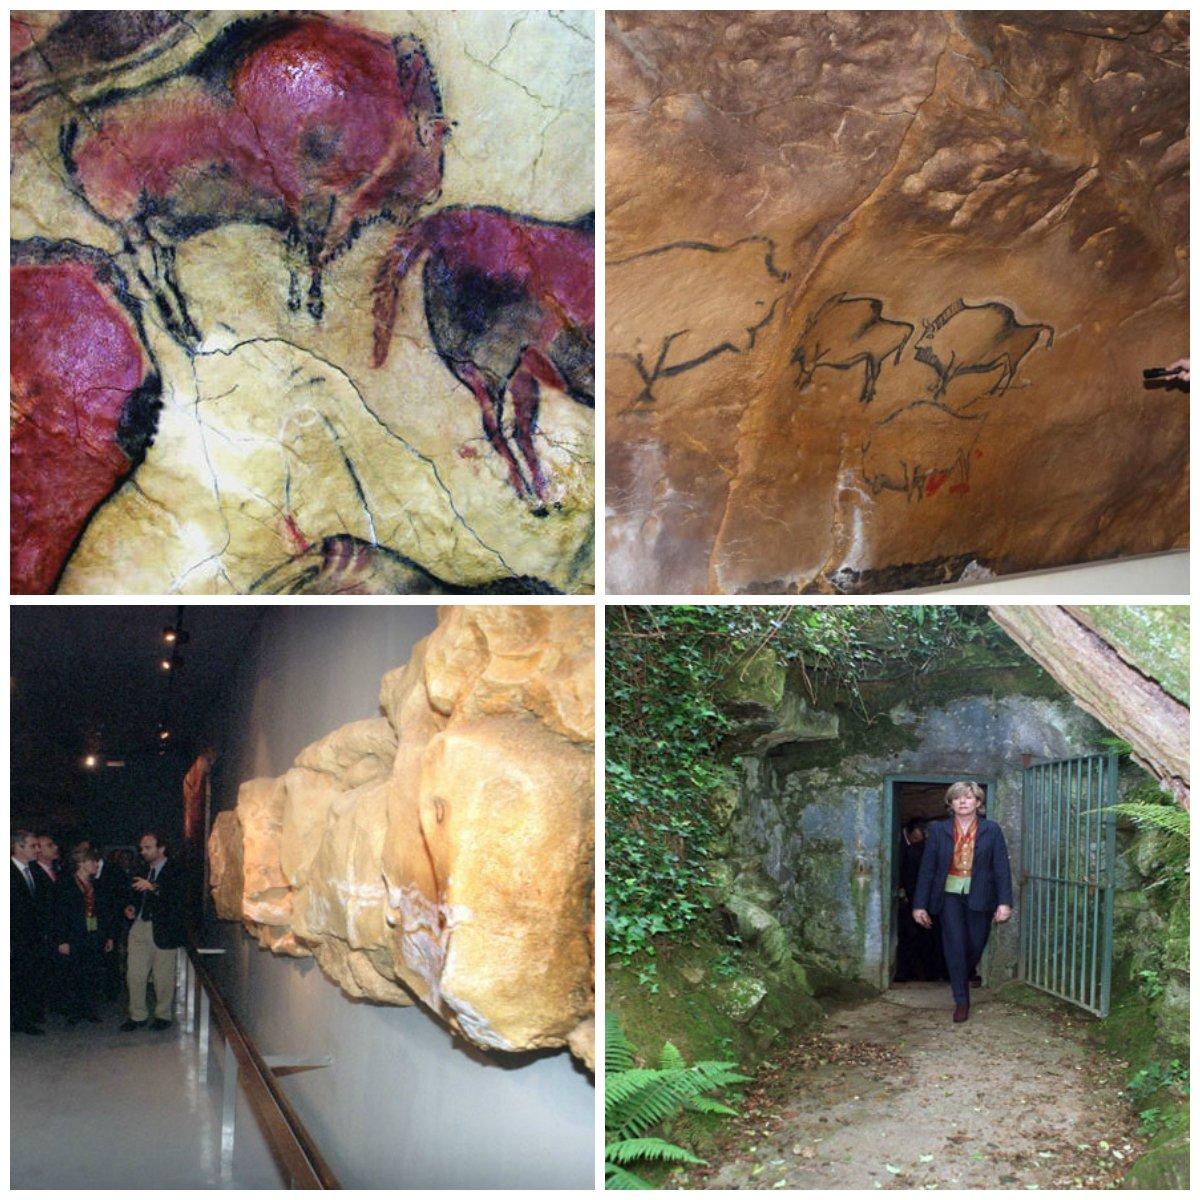 #GALERÍA📸 | Cueva de Altamira, un lugar fascinante y paleolítico https://t.co/yjAi70OpeD  Hoy se cumplen 139 años del descubrimiento de la famosa Cueva de Altamira ubicada en España